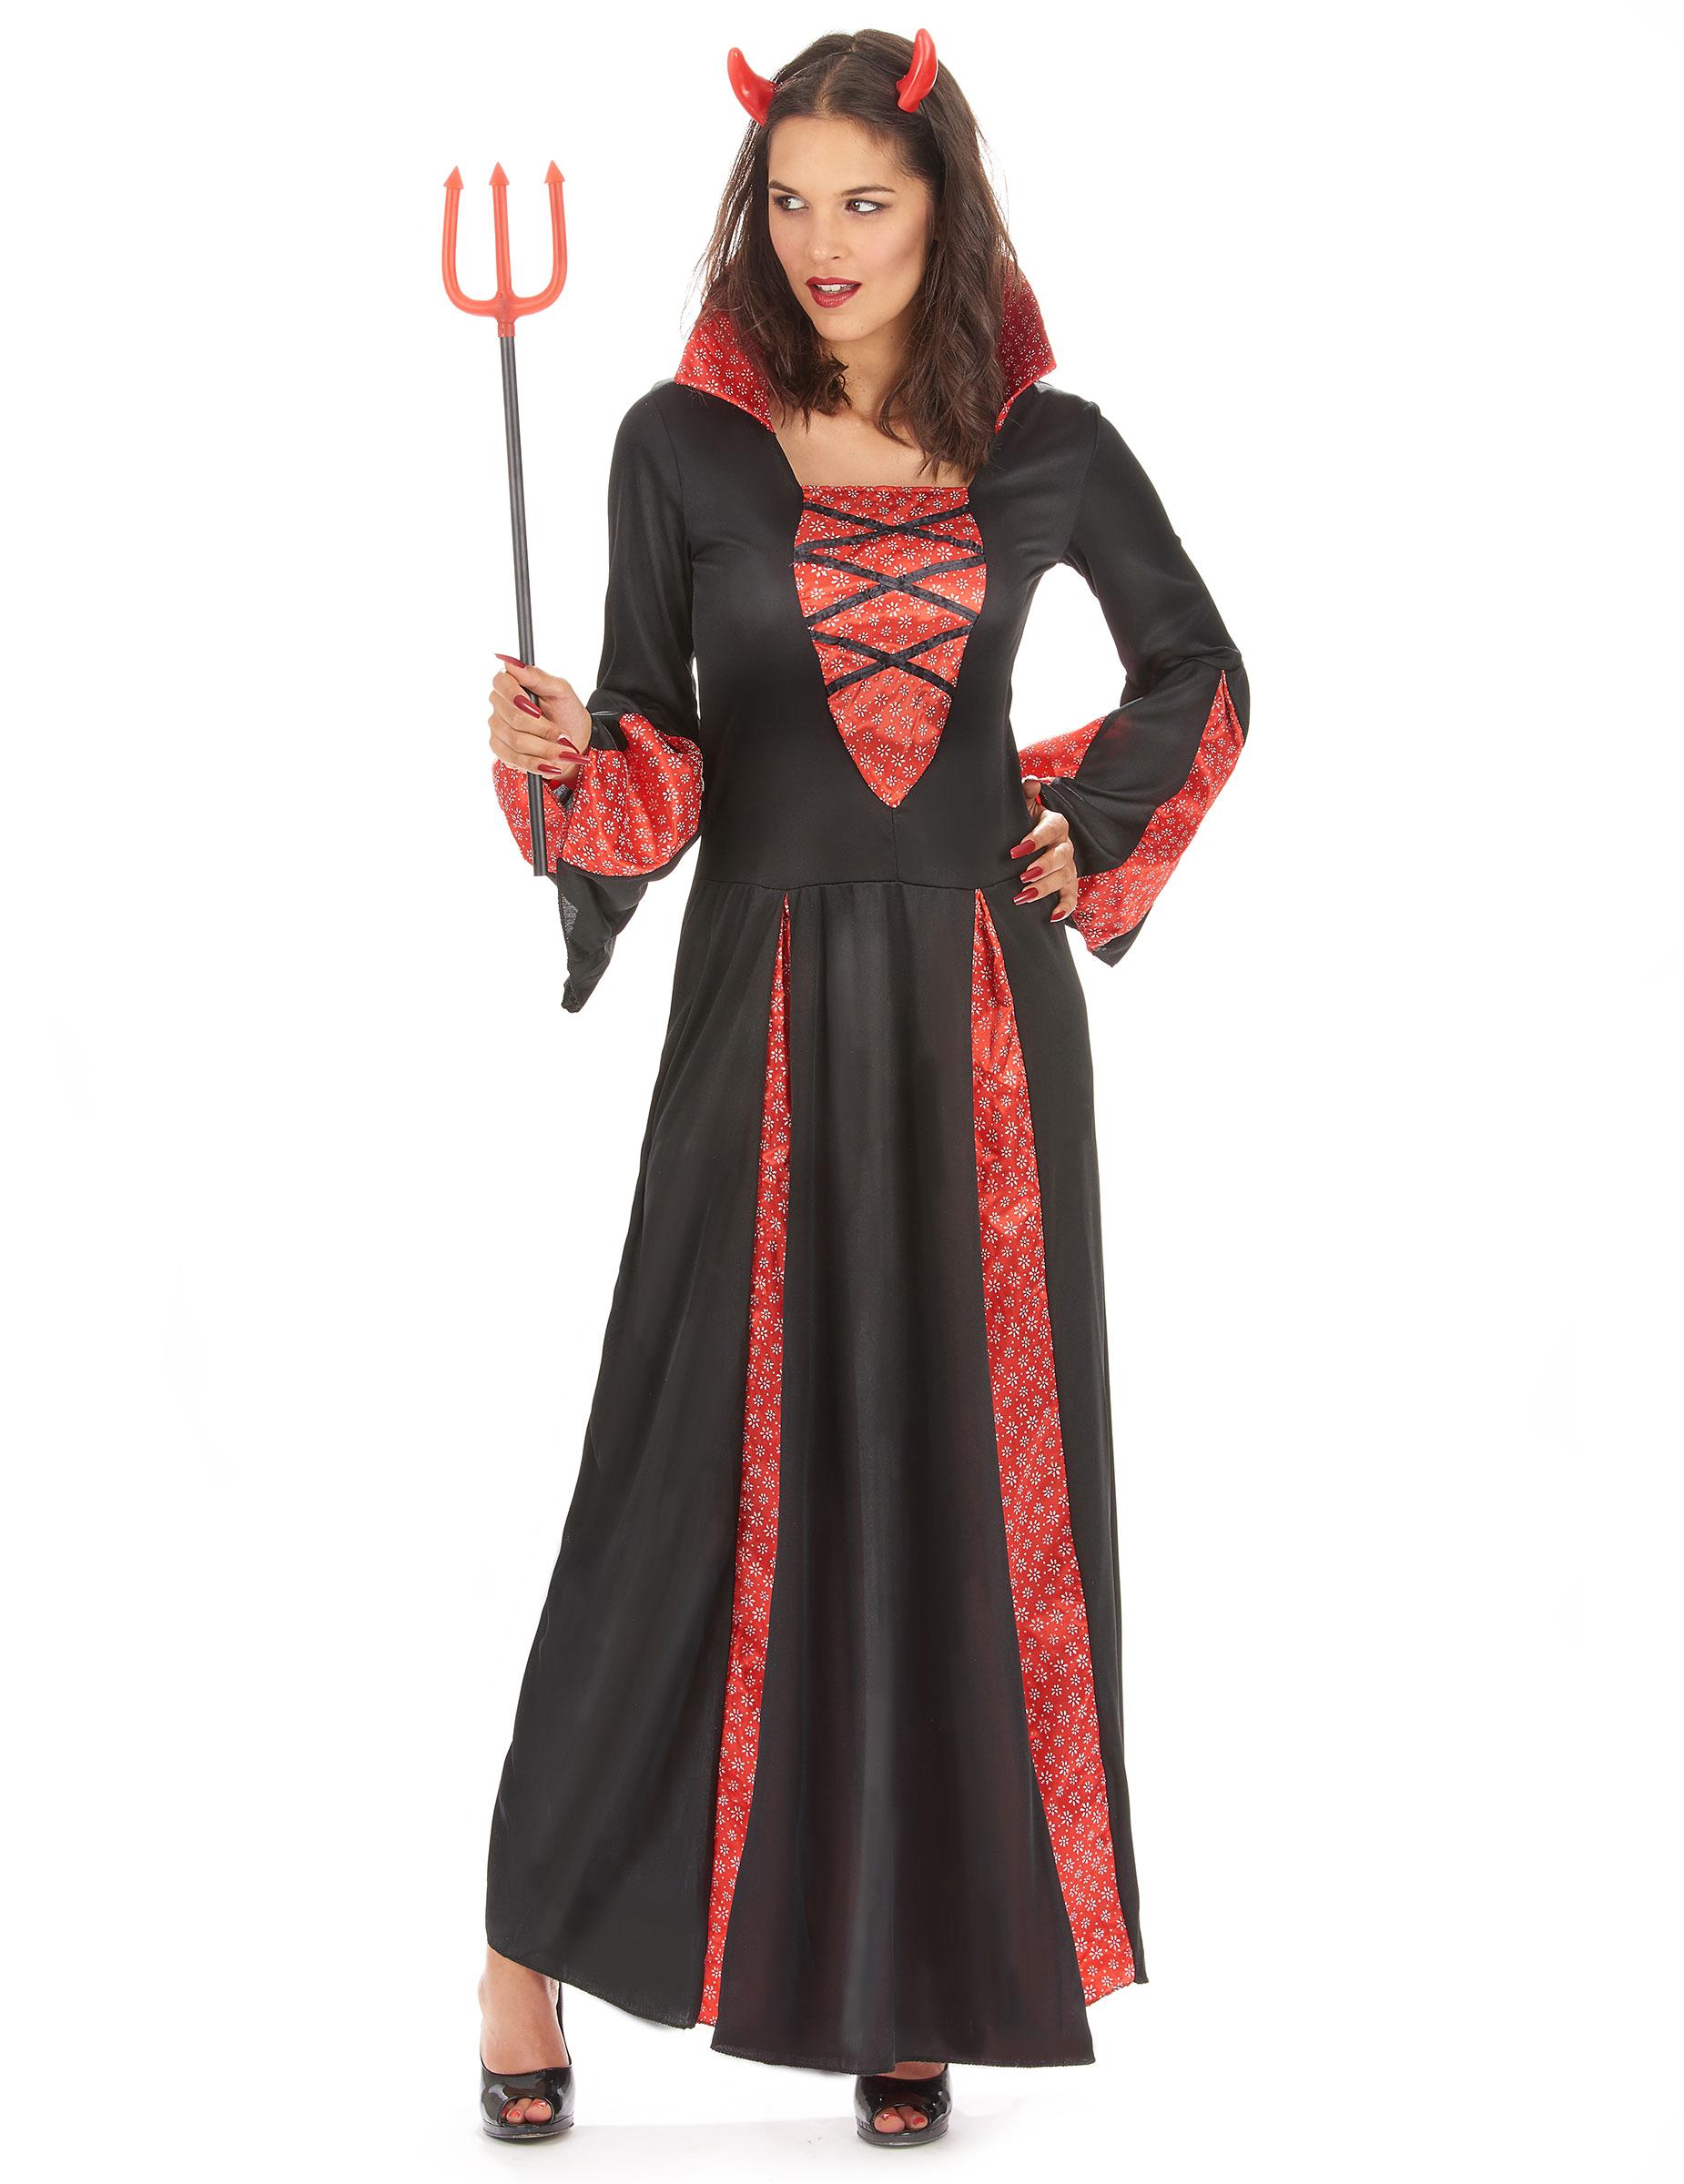 Costume diavolessa nero e rosso per donna 8e806c044f84